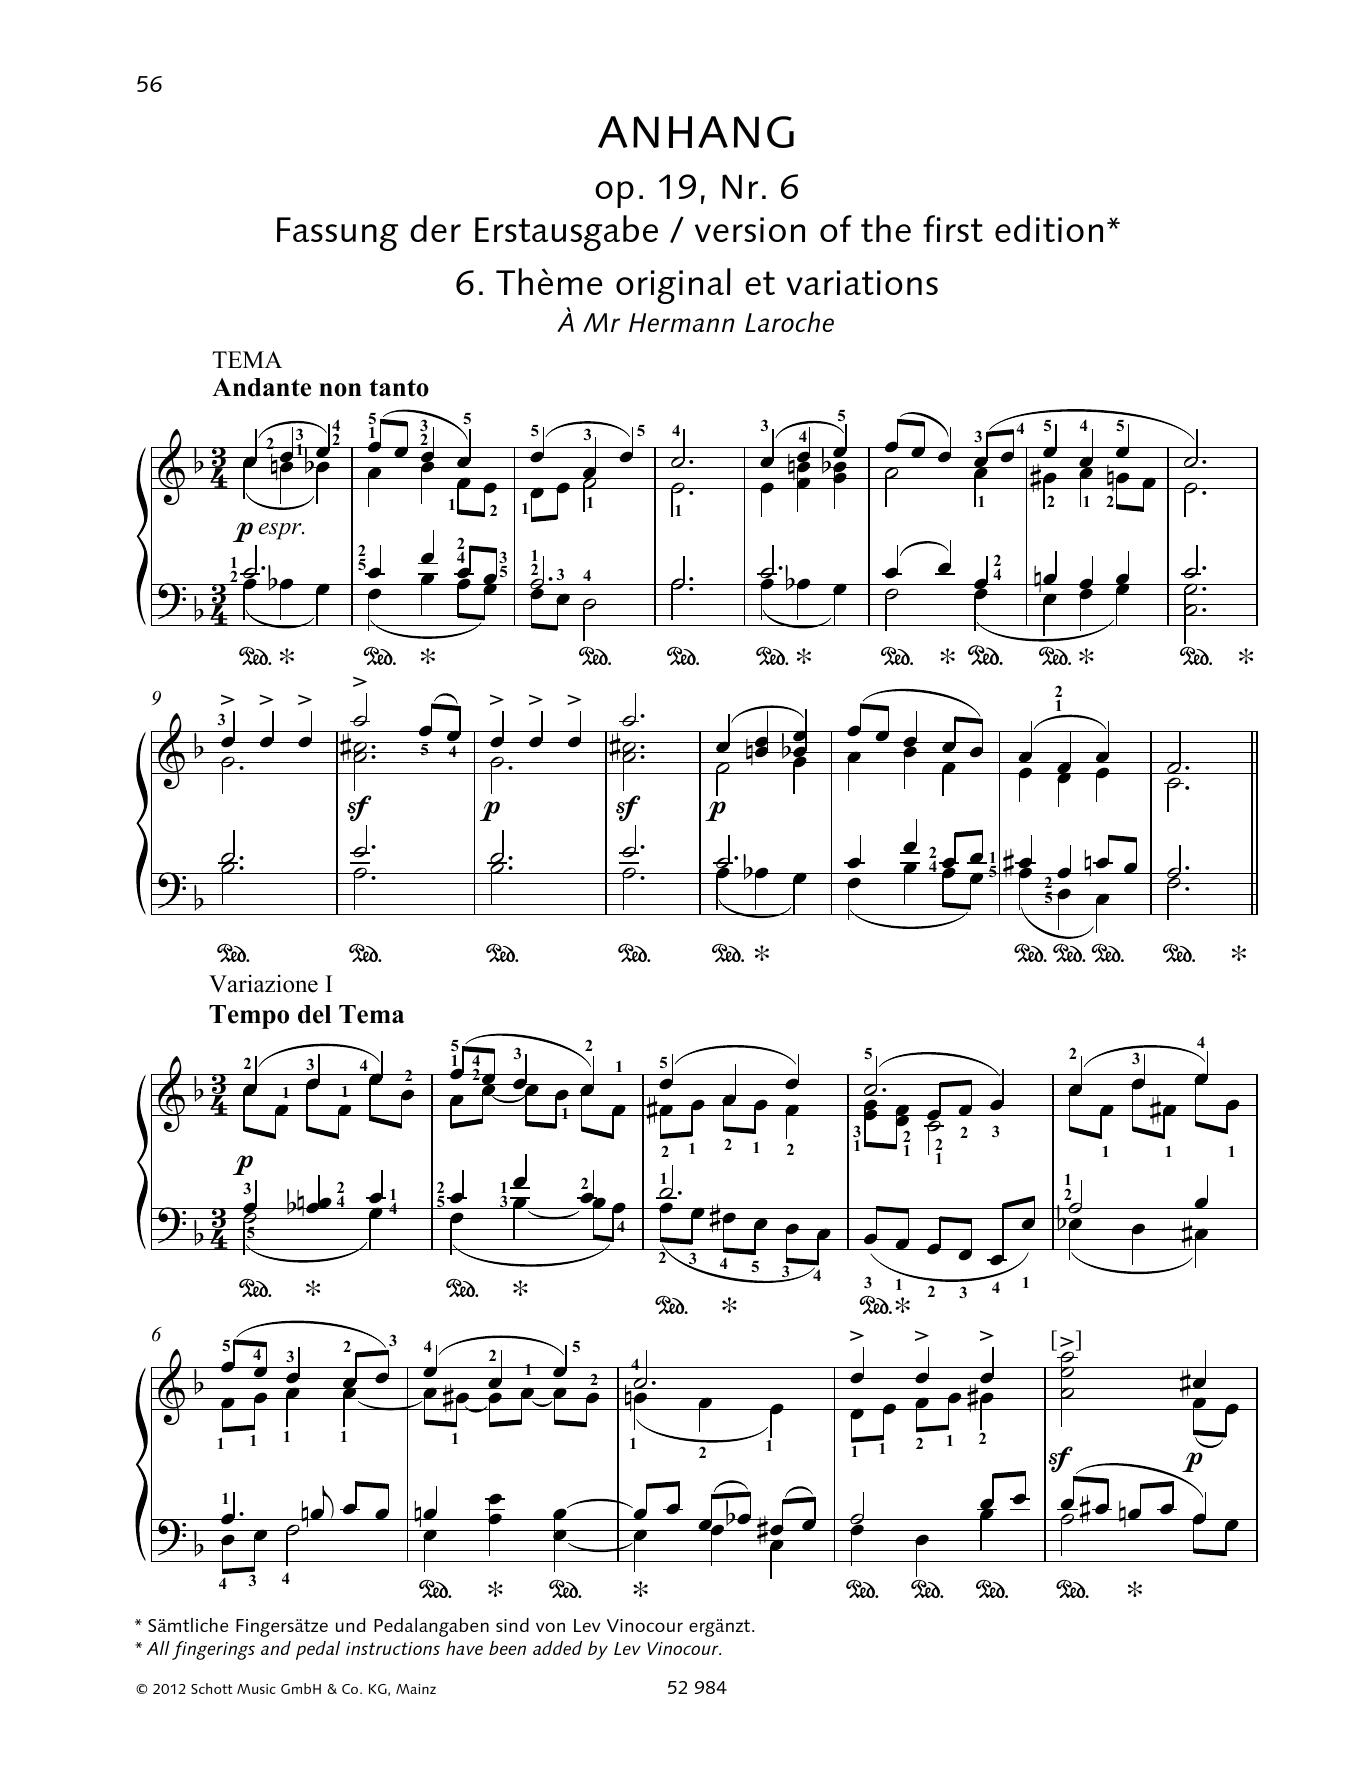 Thème original et variations